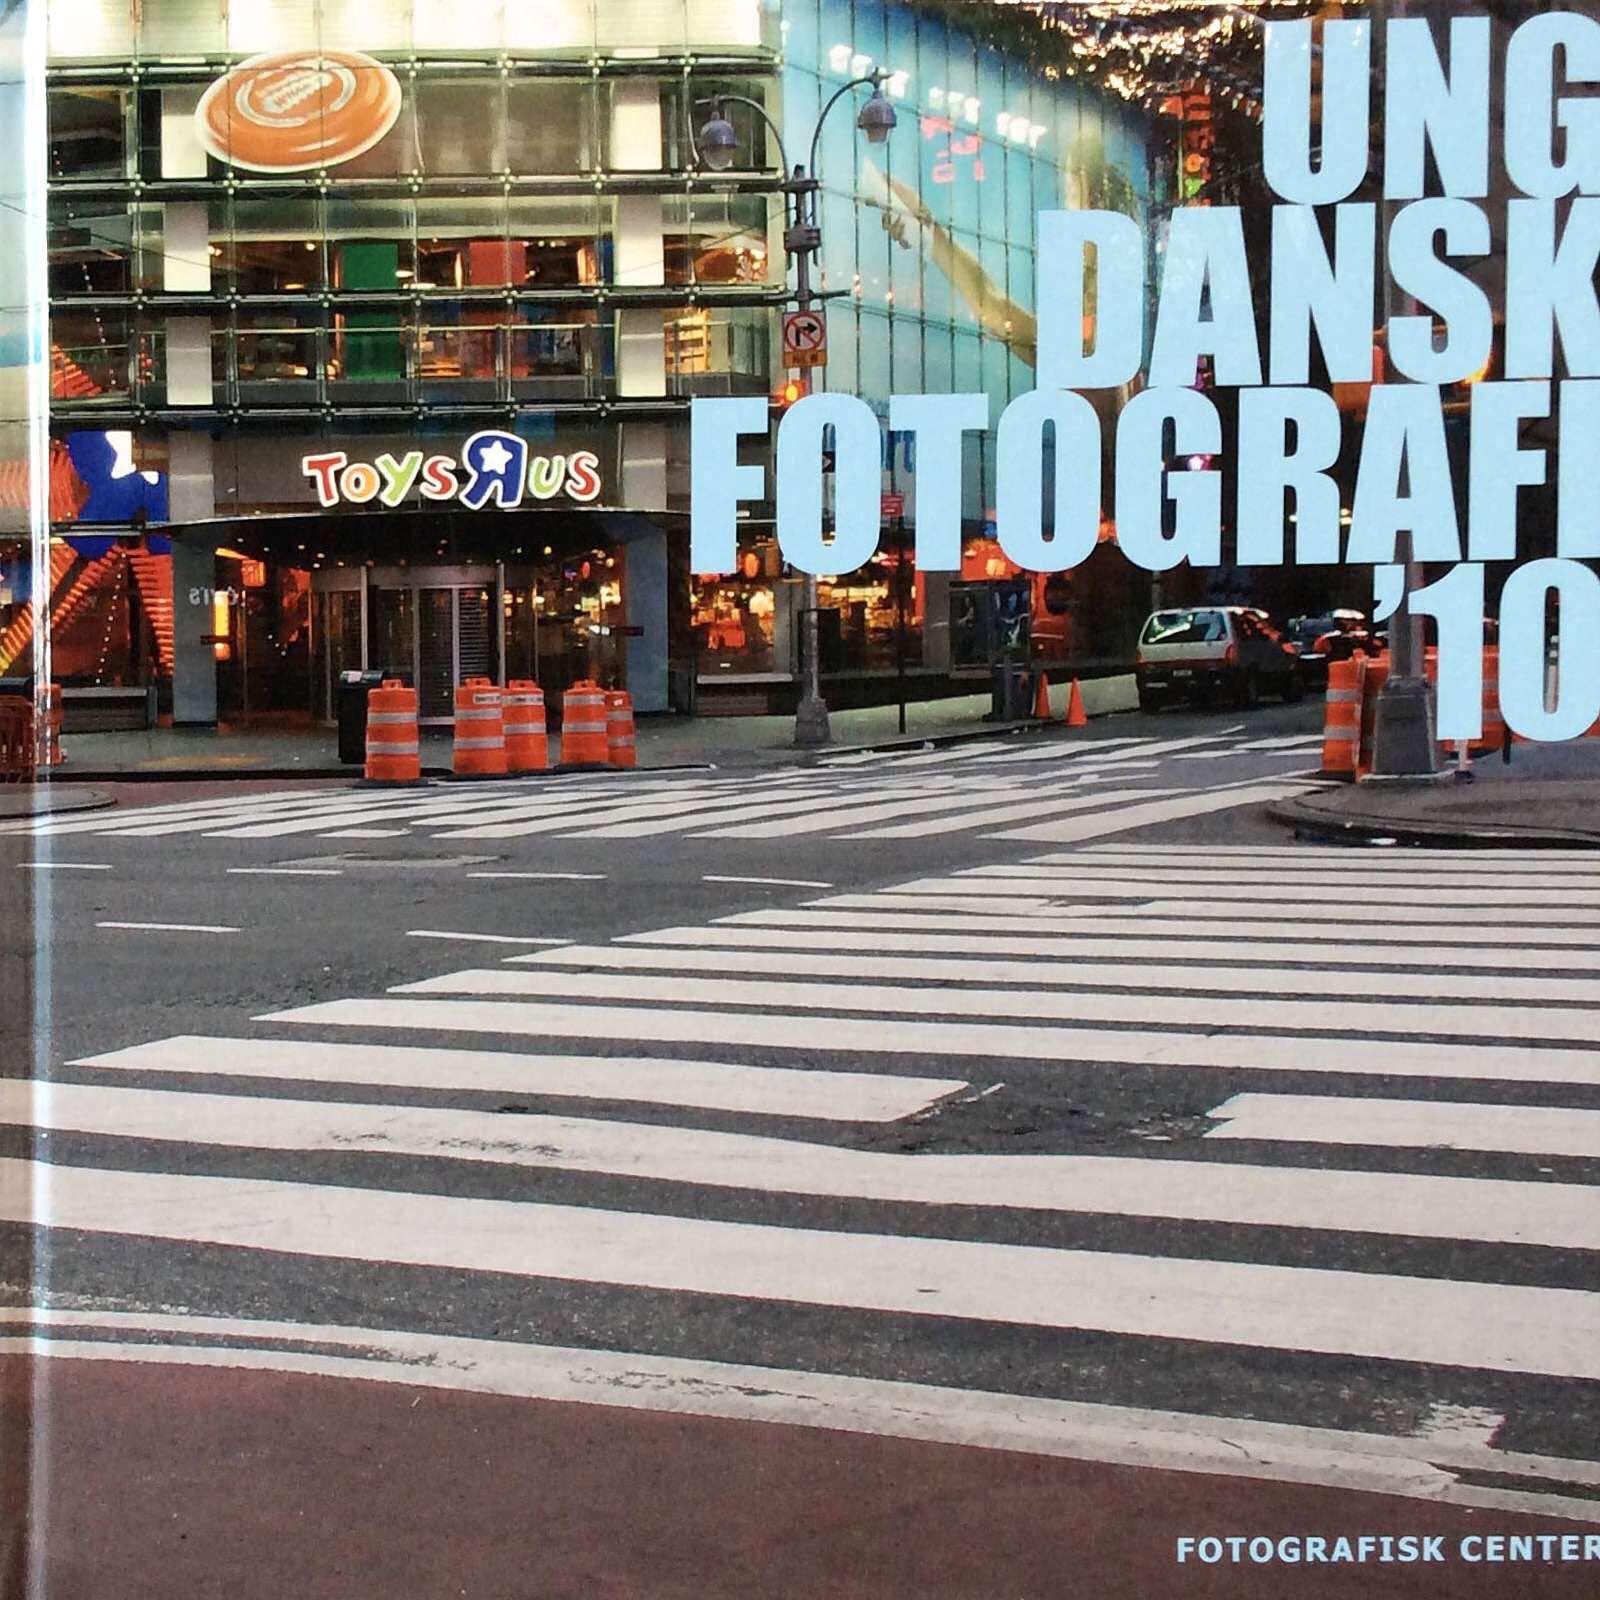 Ung dansk fotografi 2010